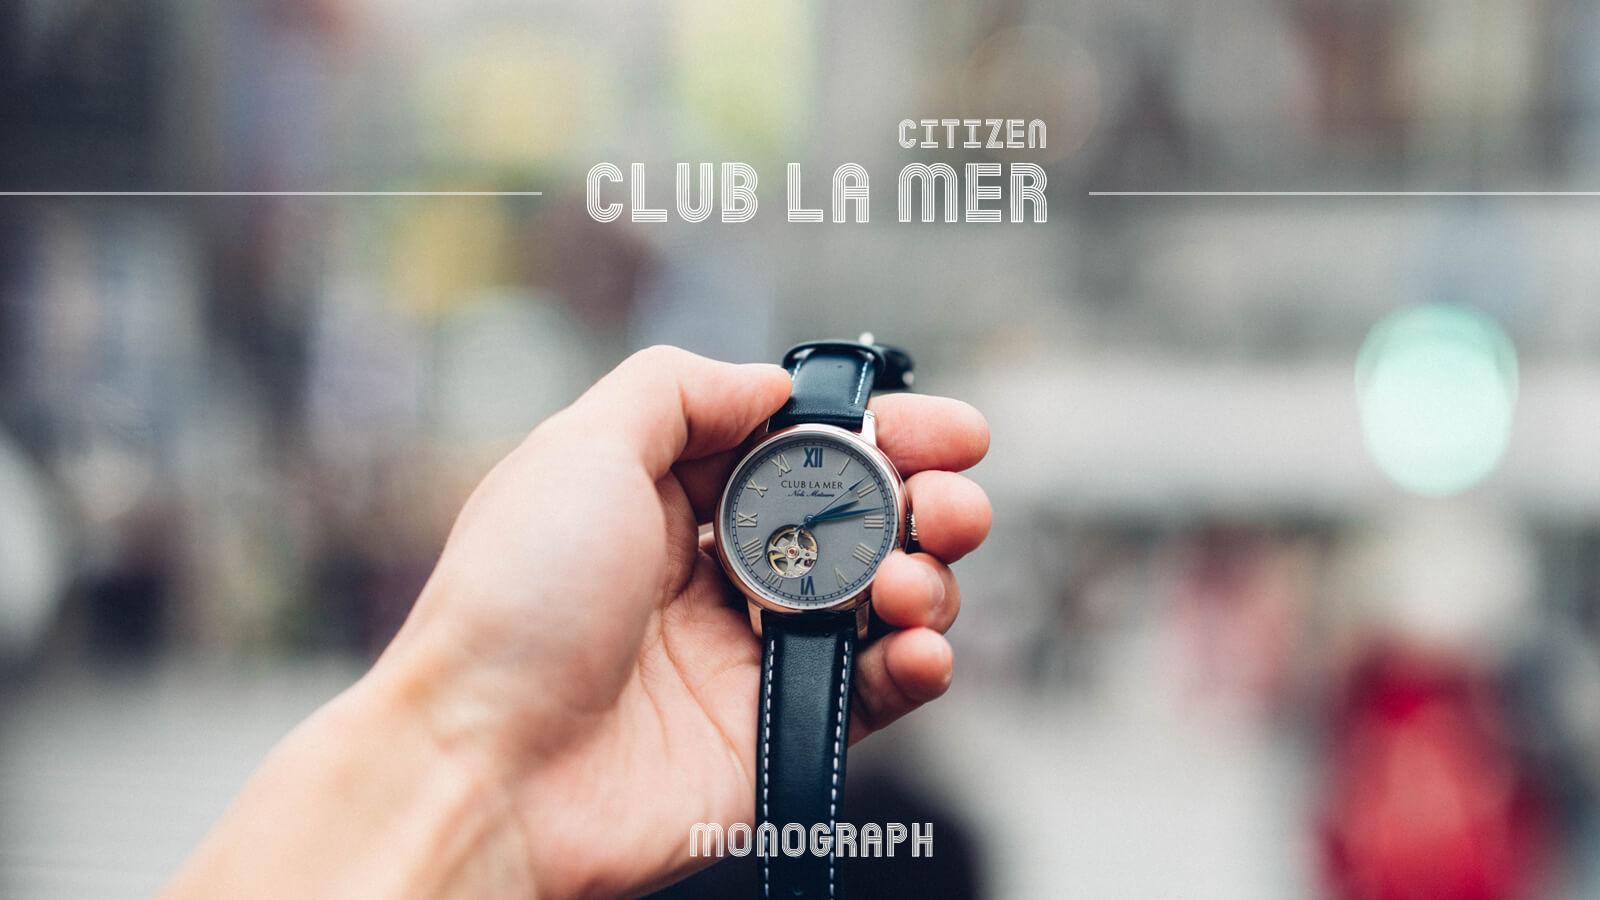 Club la mer